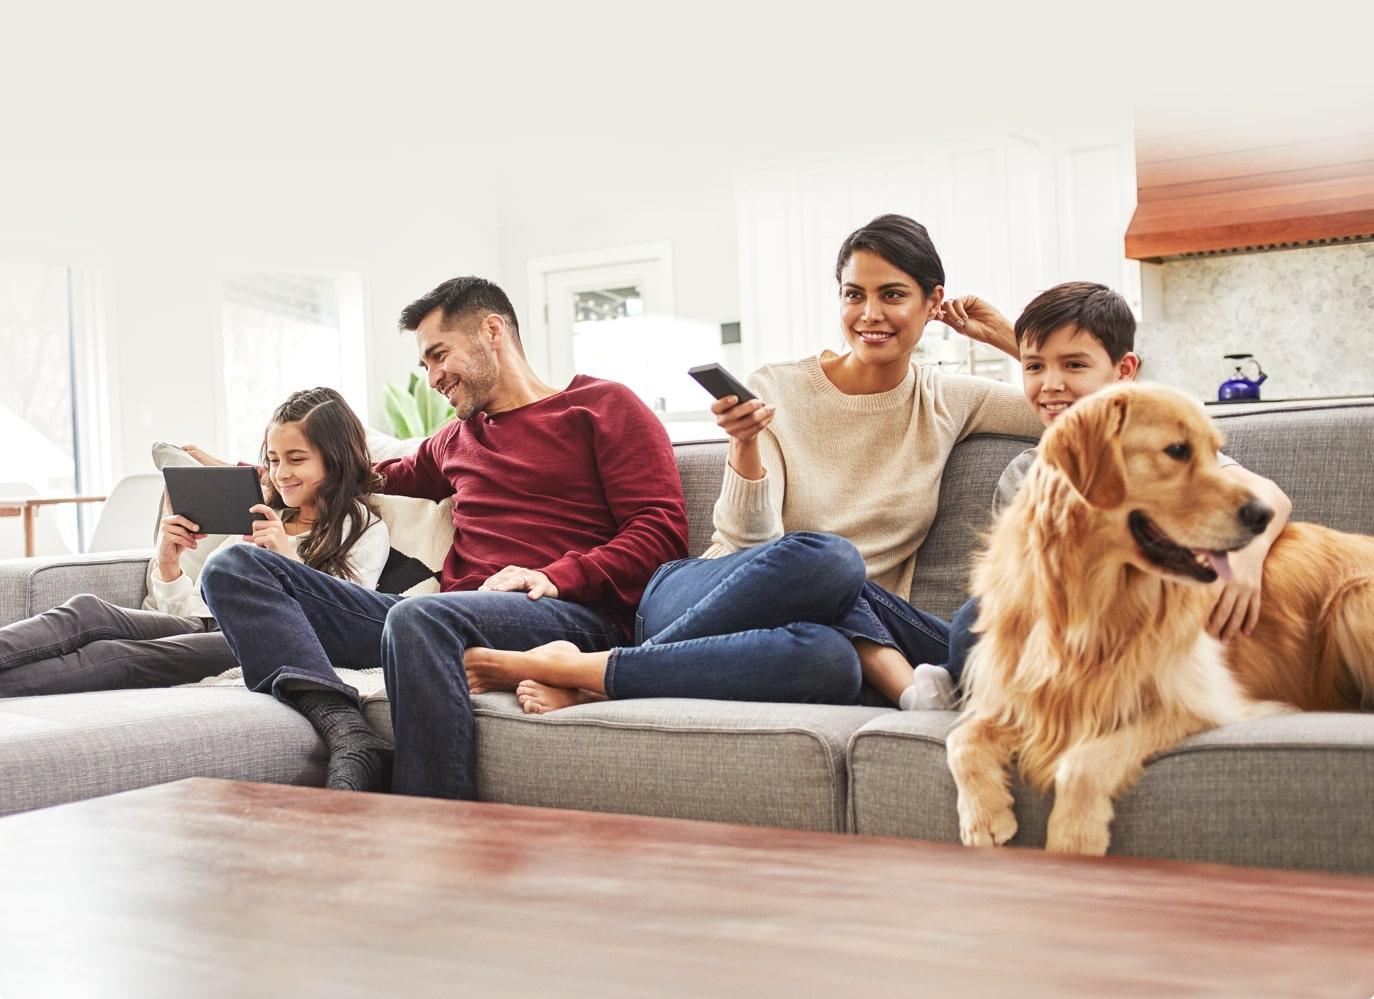 Familia en sofá con un perro golden retriever